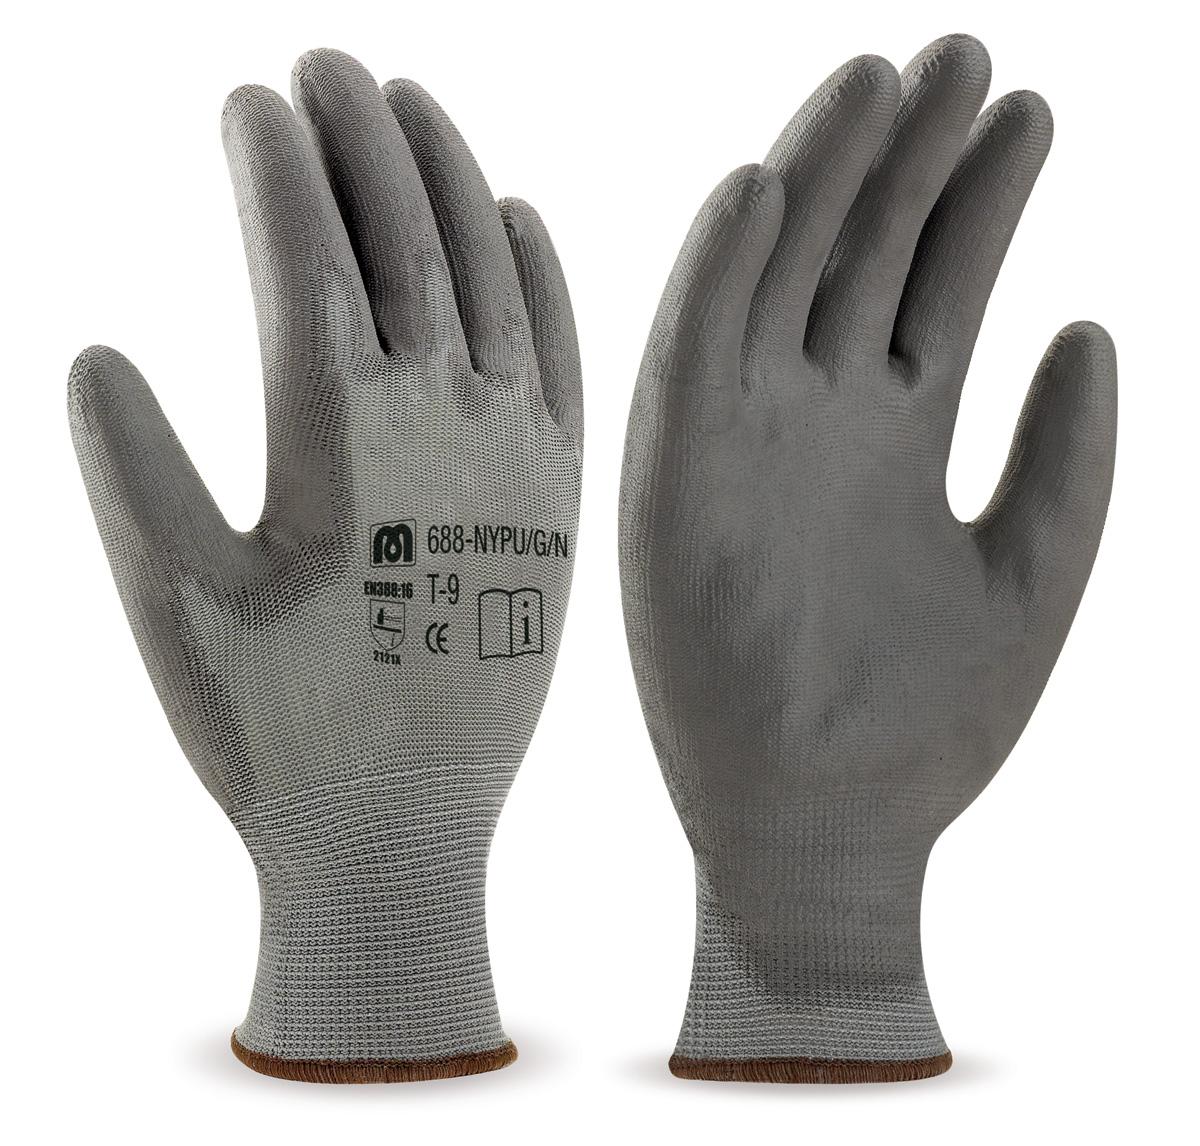 Productos guantes de trabajo nylon marca protecci n - Guantes de seguridad ...